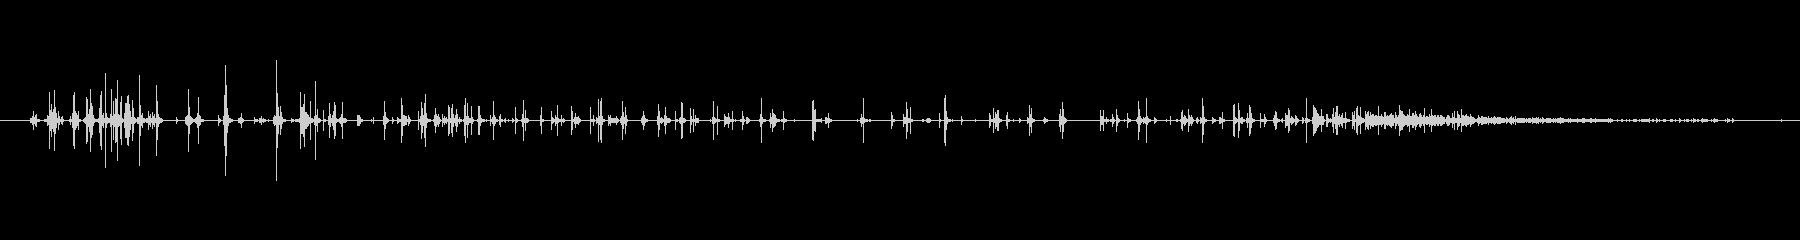 レザー クリーク非常に長いリリース01の未再生の波形